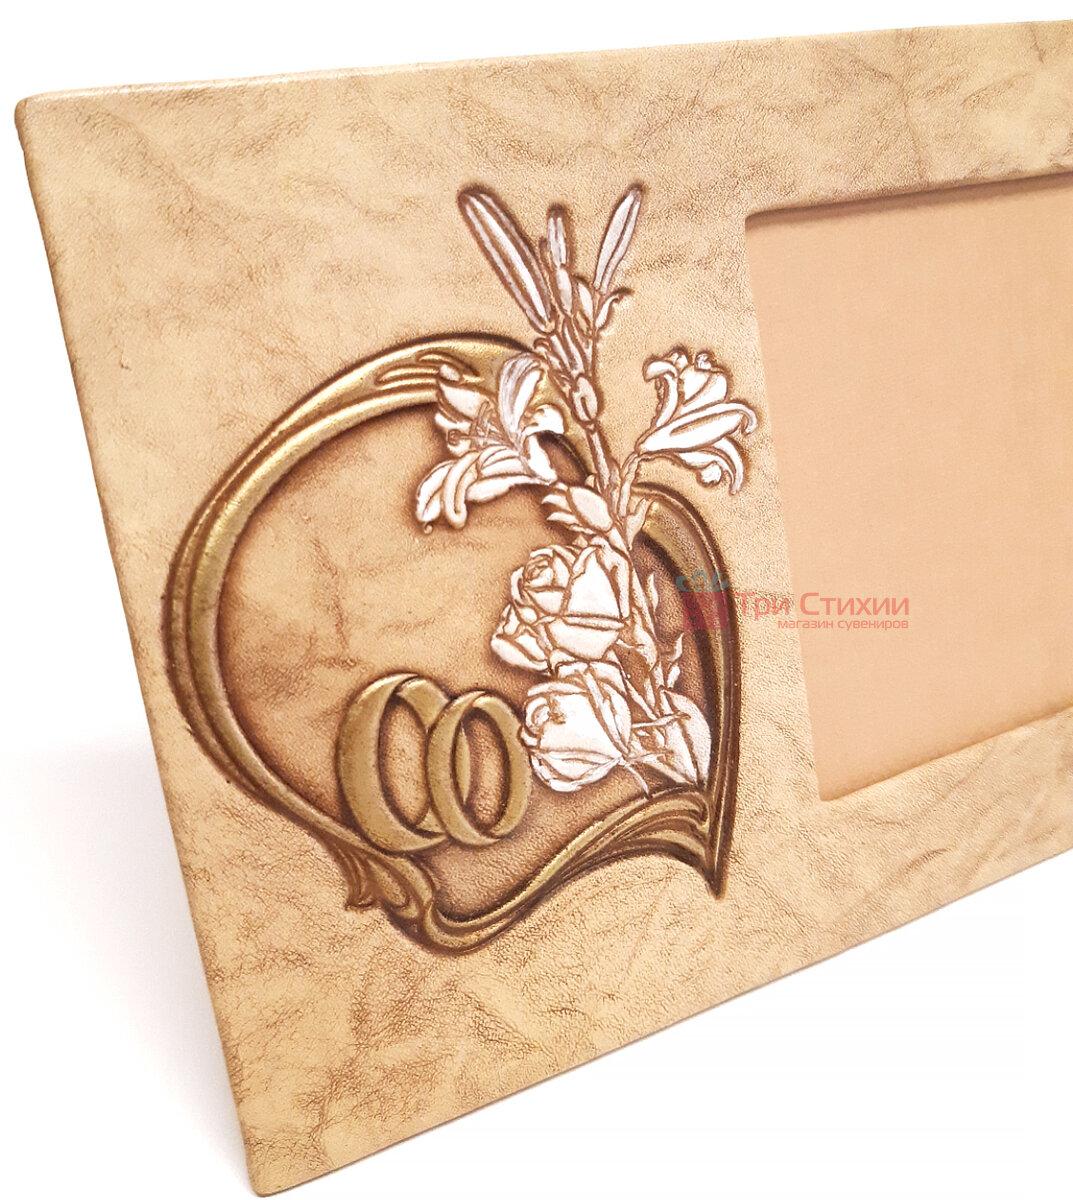 Рамка для фото Макей кожаная Свадебная (519-08-06), фото 3